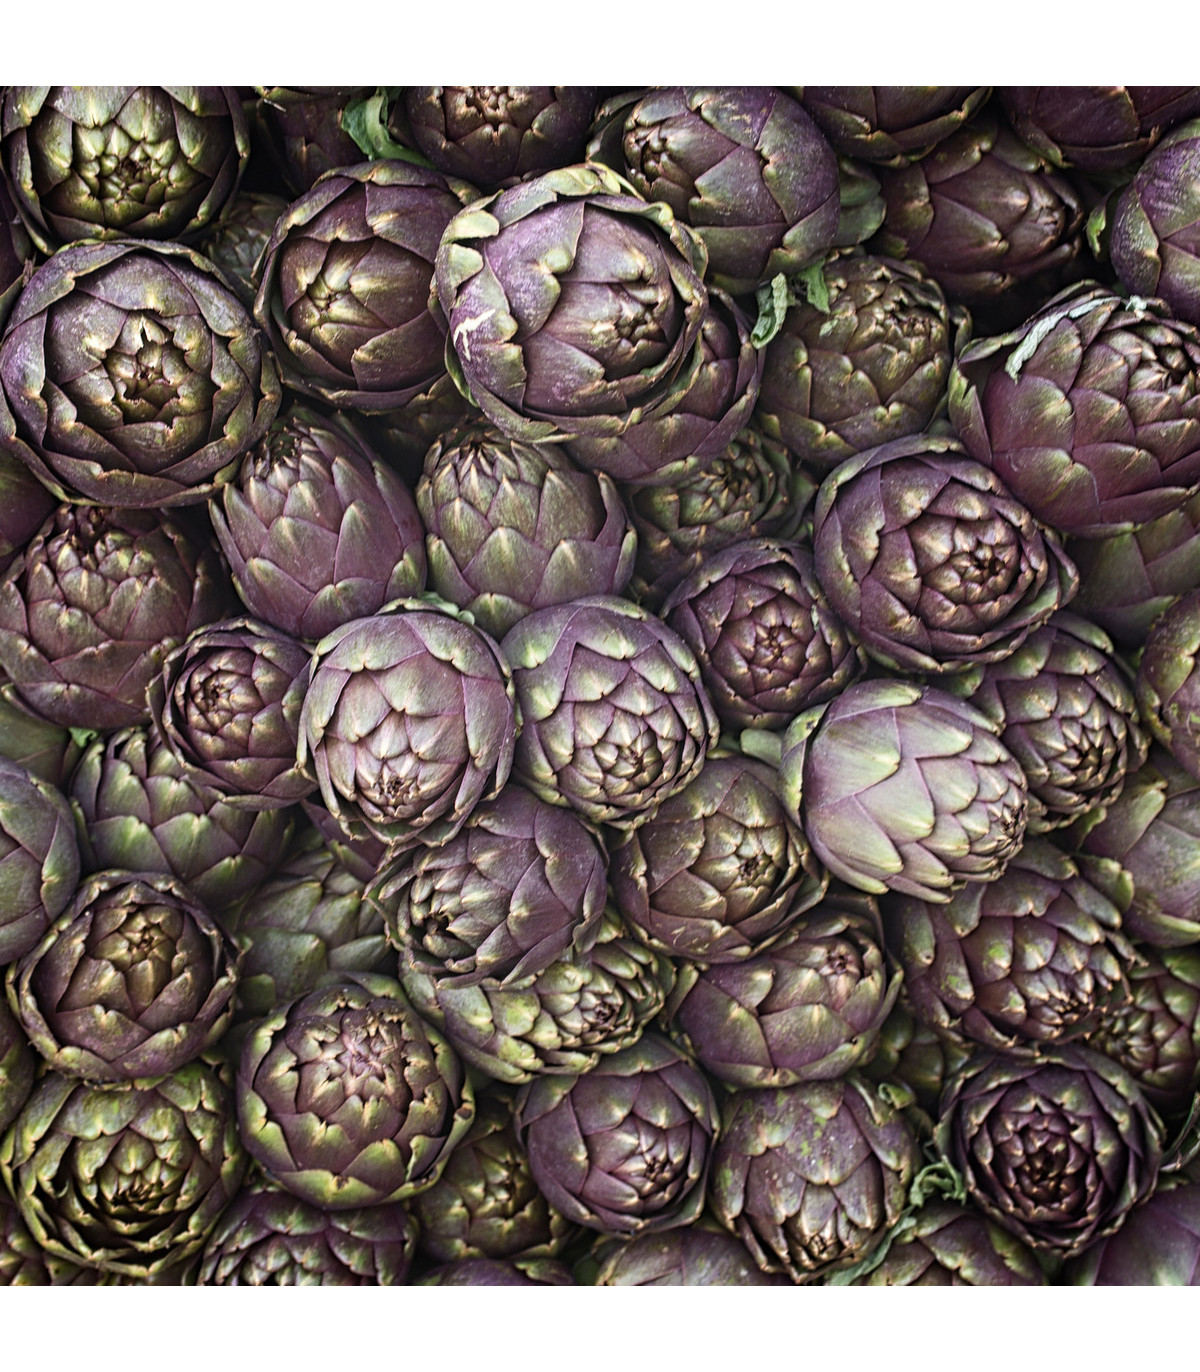 Artyčok fialový - Cynara scolymus - semena artyčoku - 1 gr